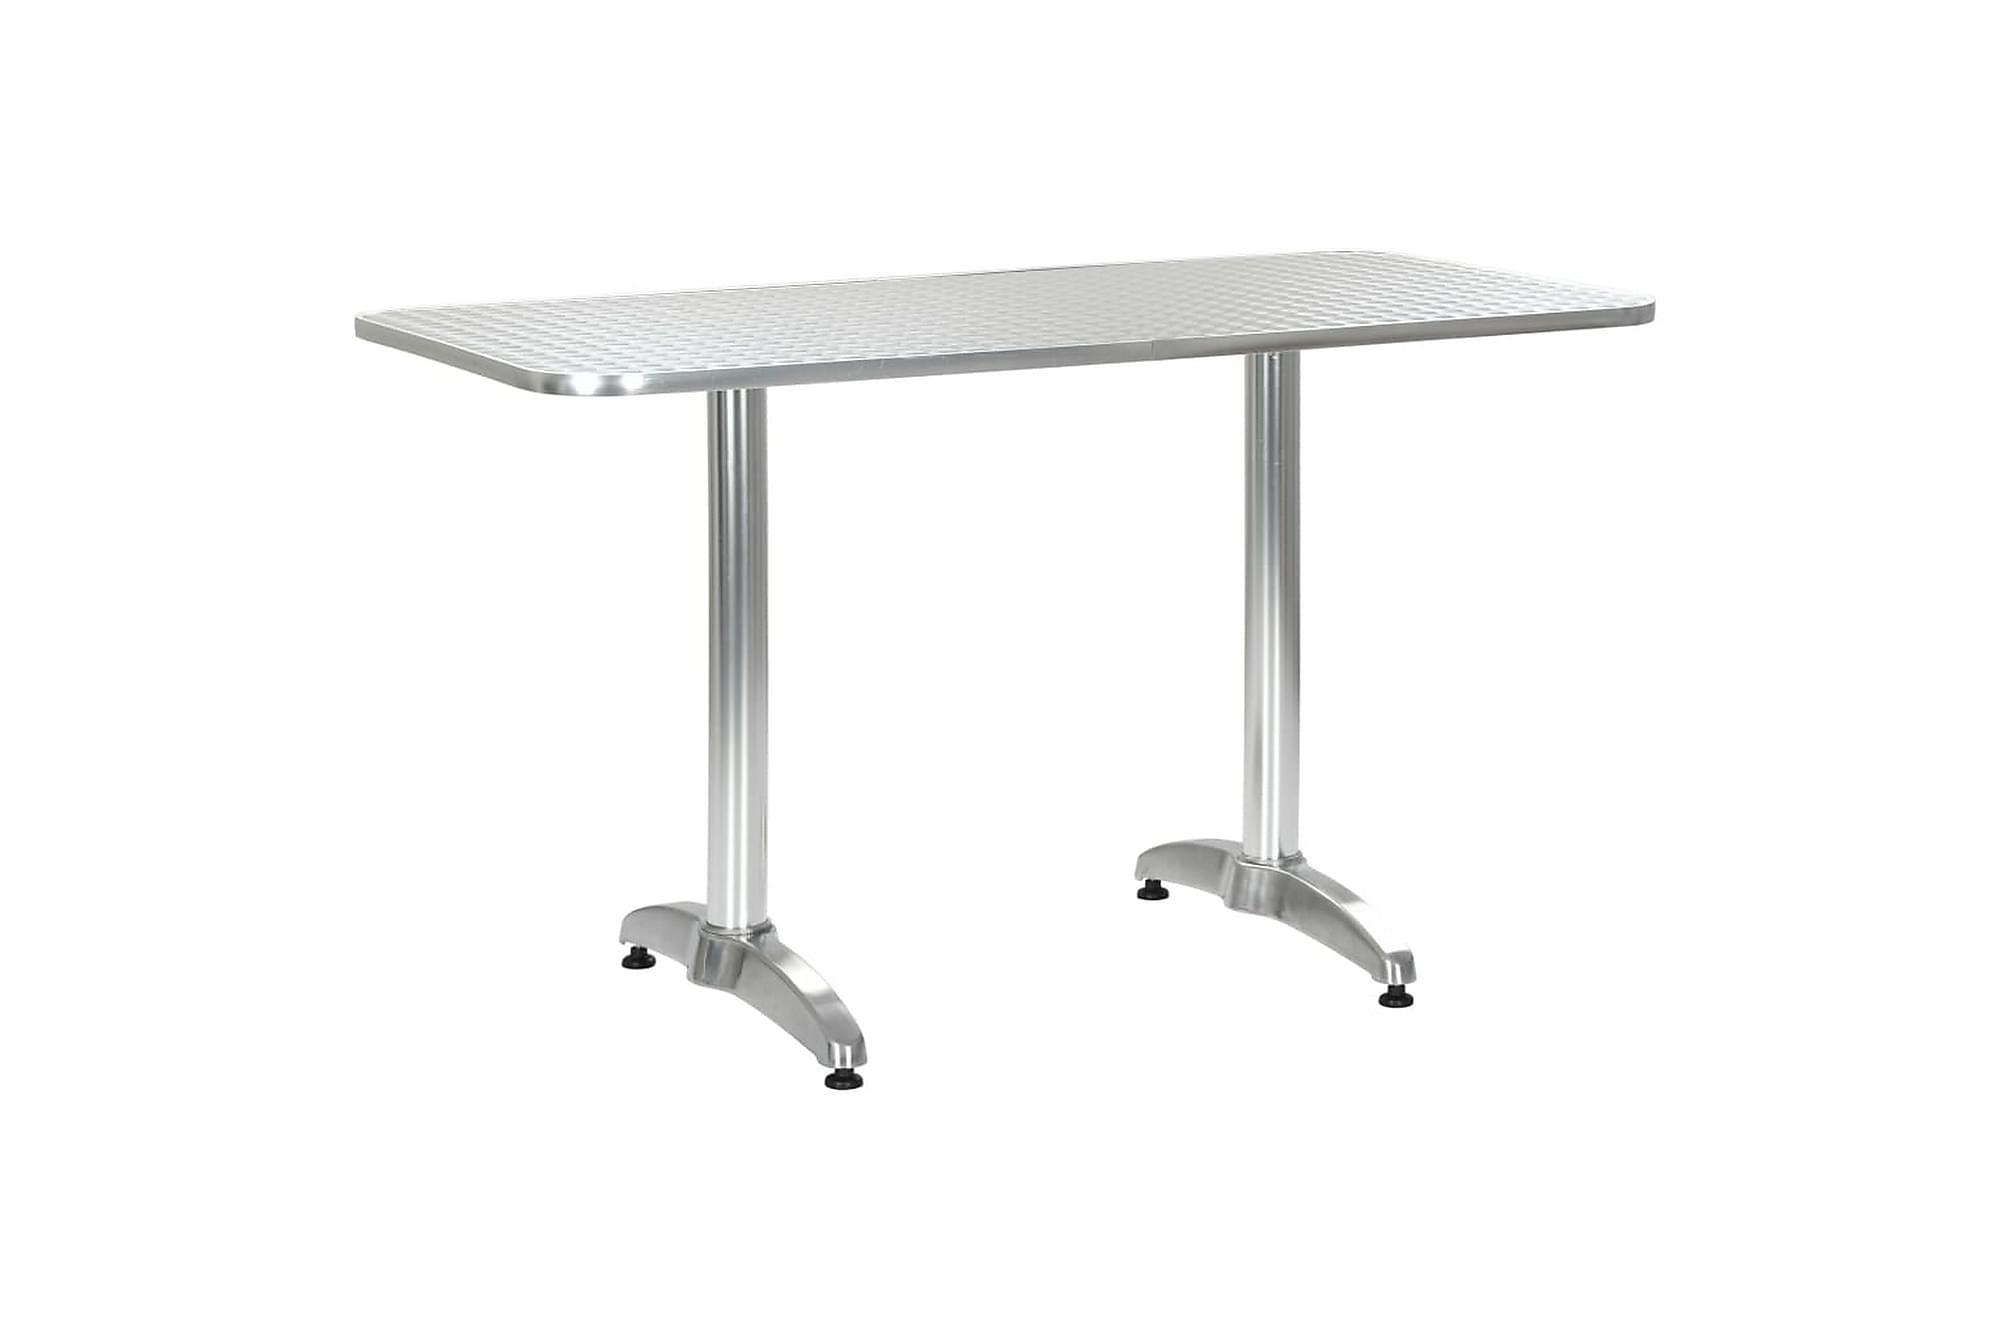 Trädgårdsbord silver 120x60x70 cm aluminium